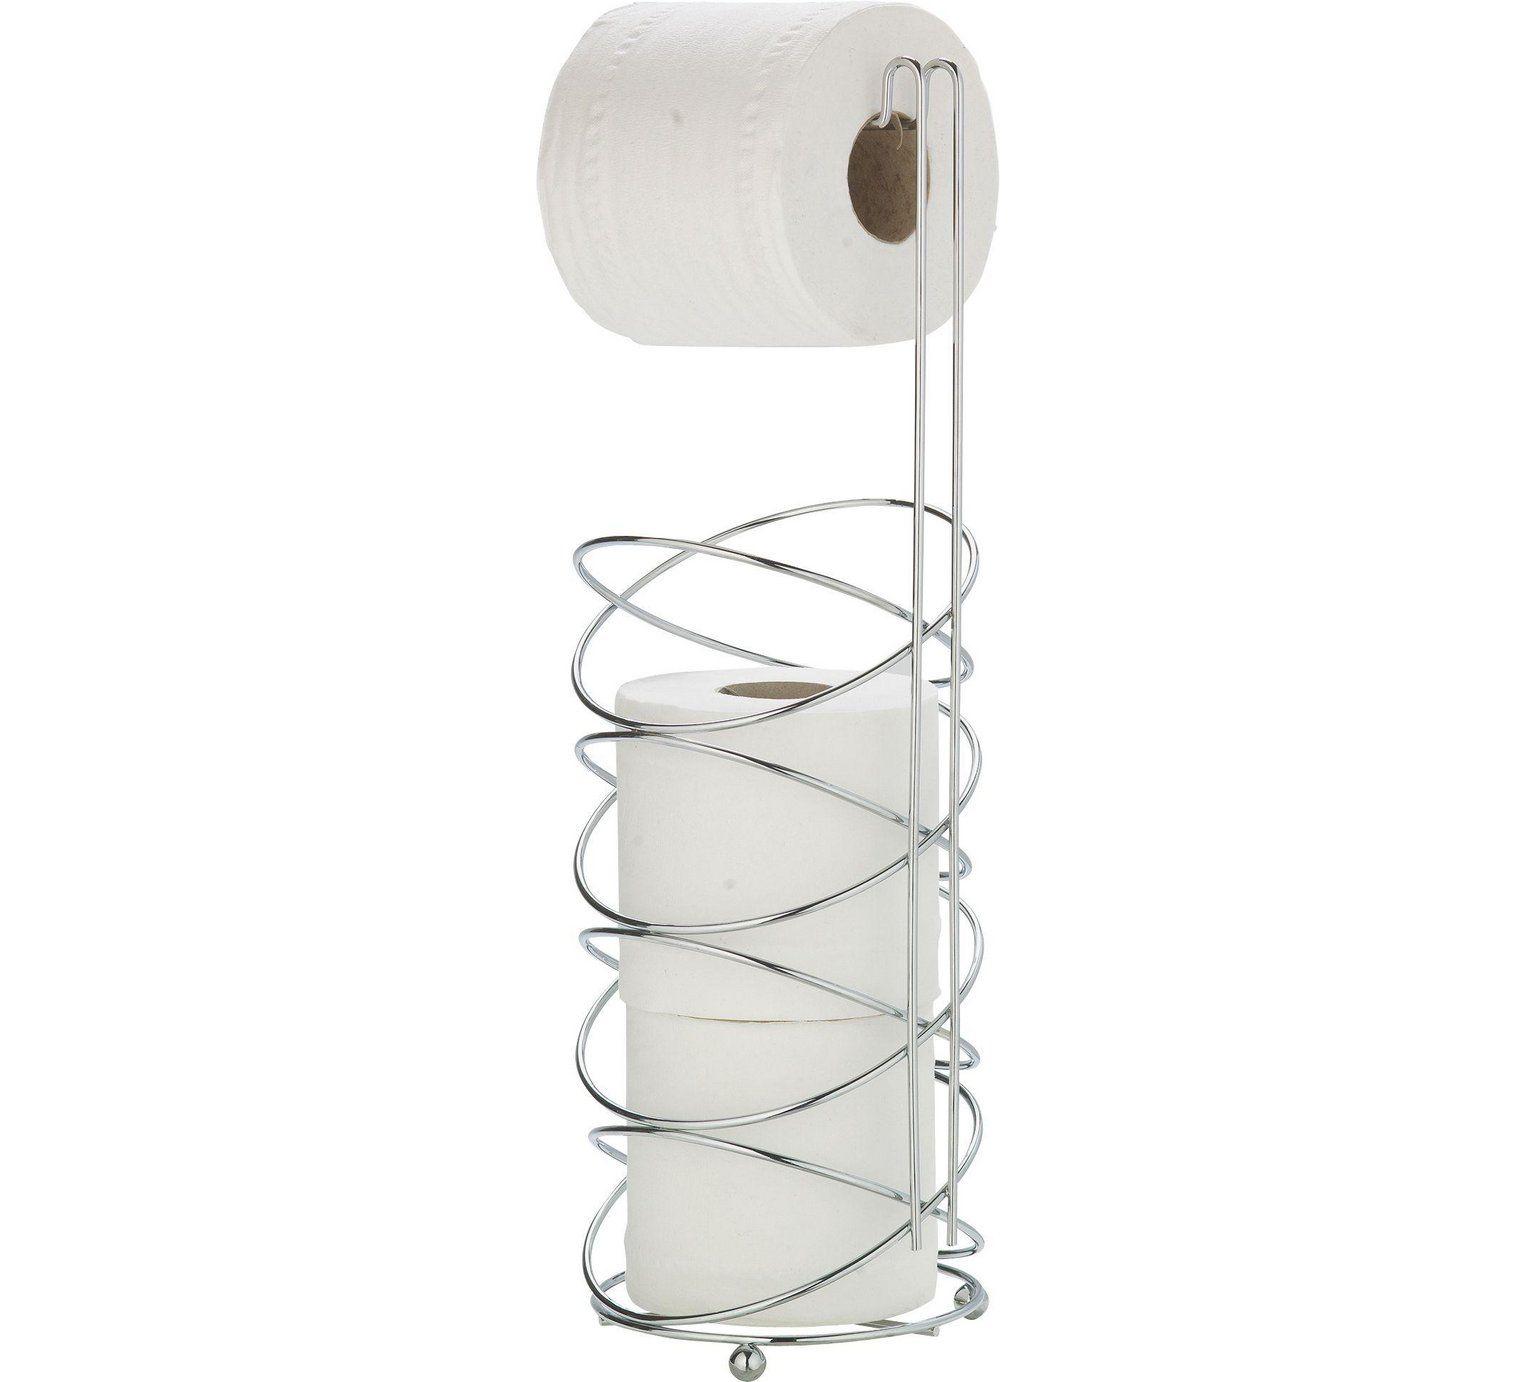 HOME Modern Swirl Toilet Roll Holder - Chrome Plated at Argos.co.uk ...